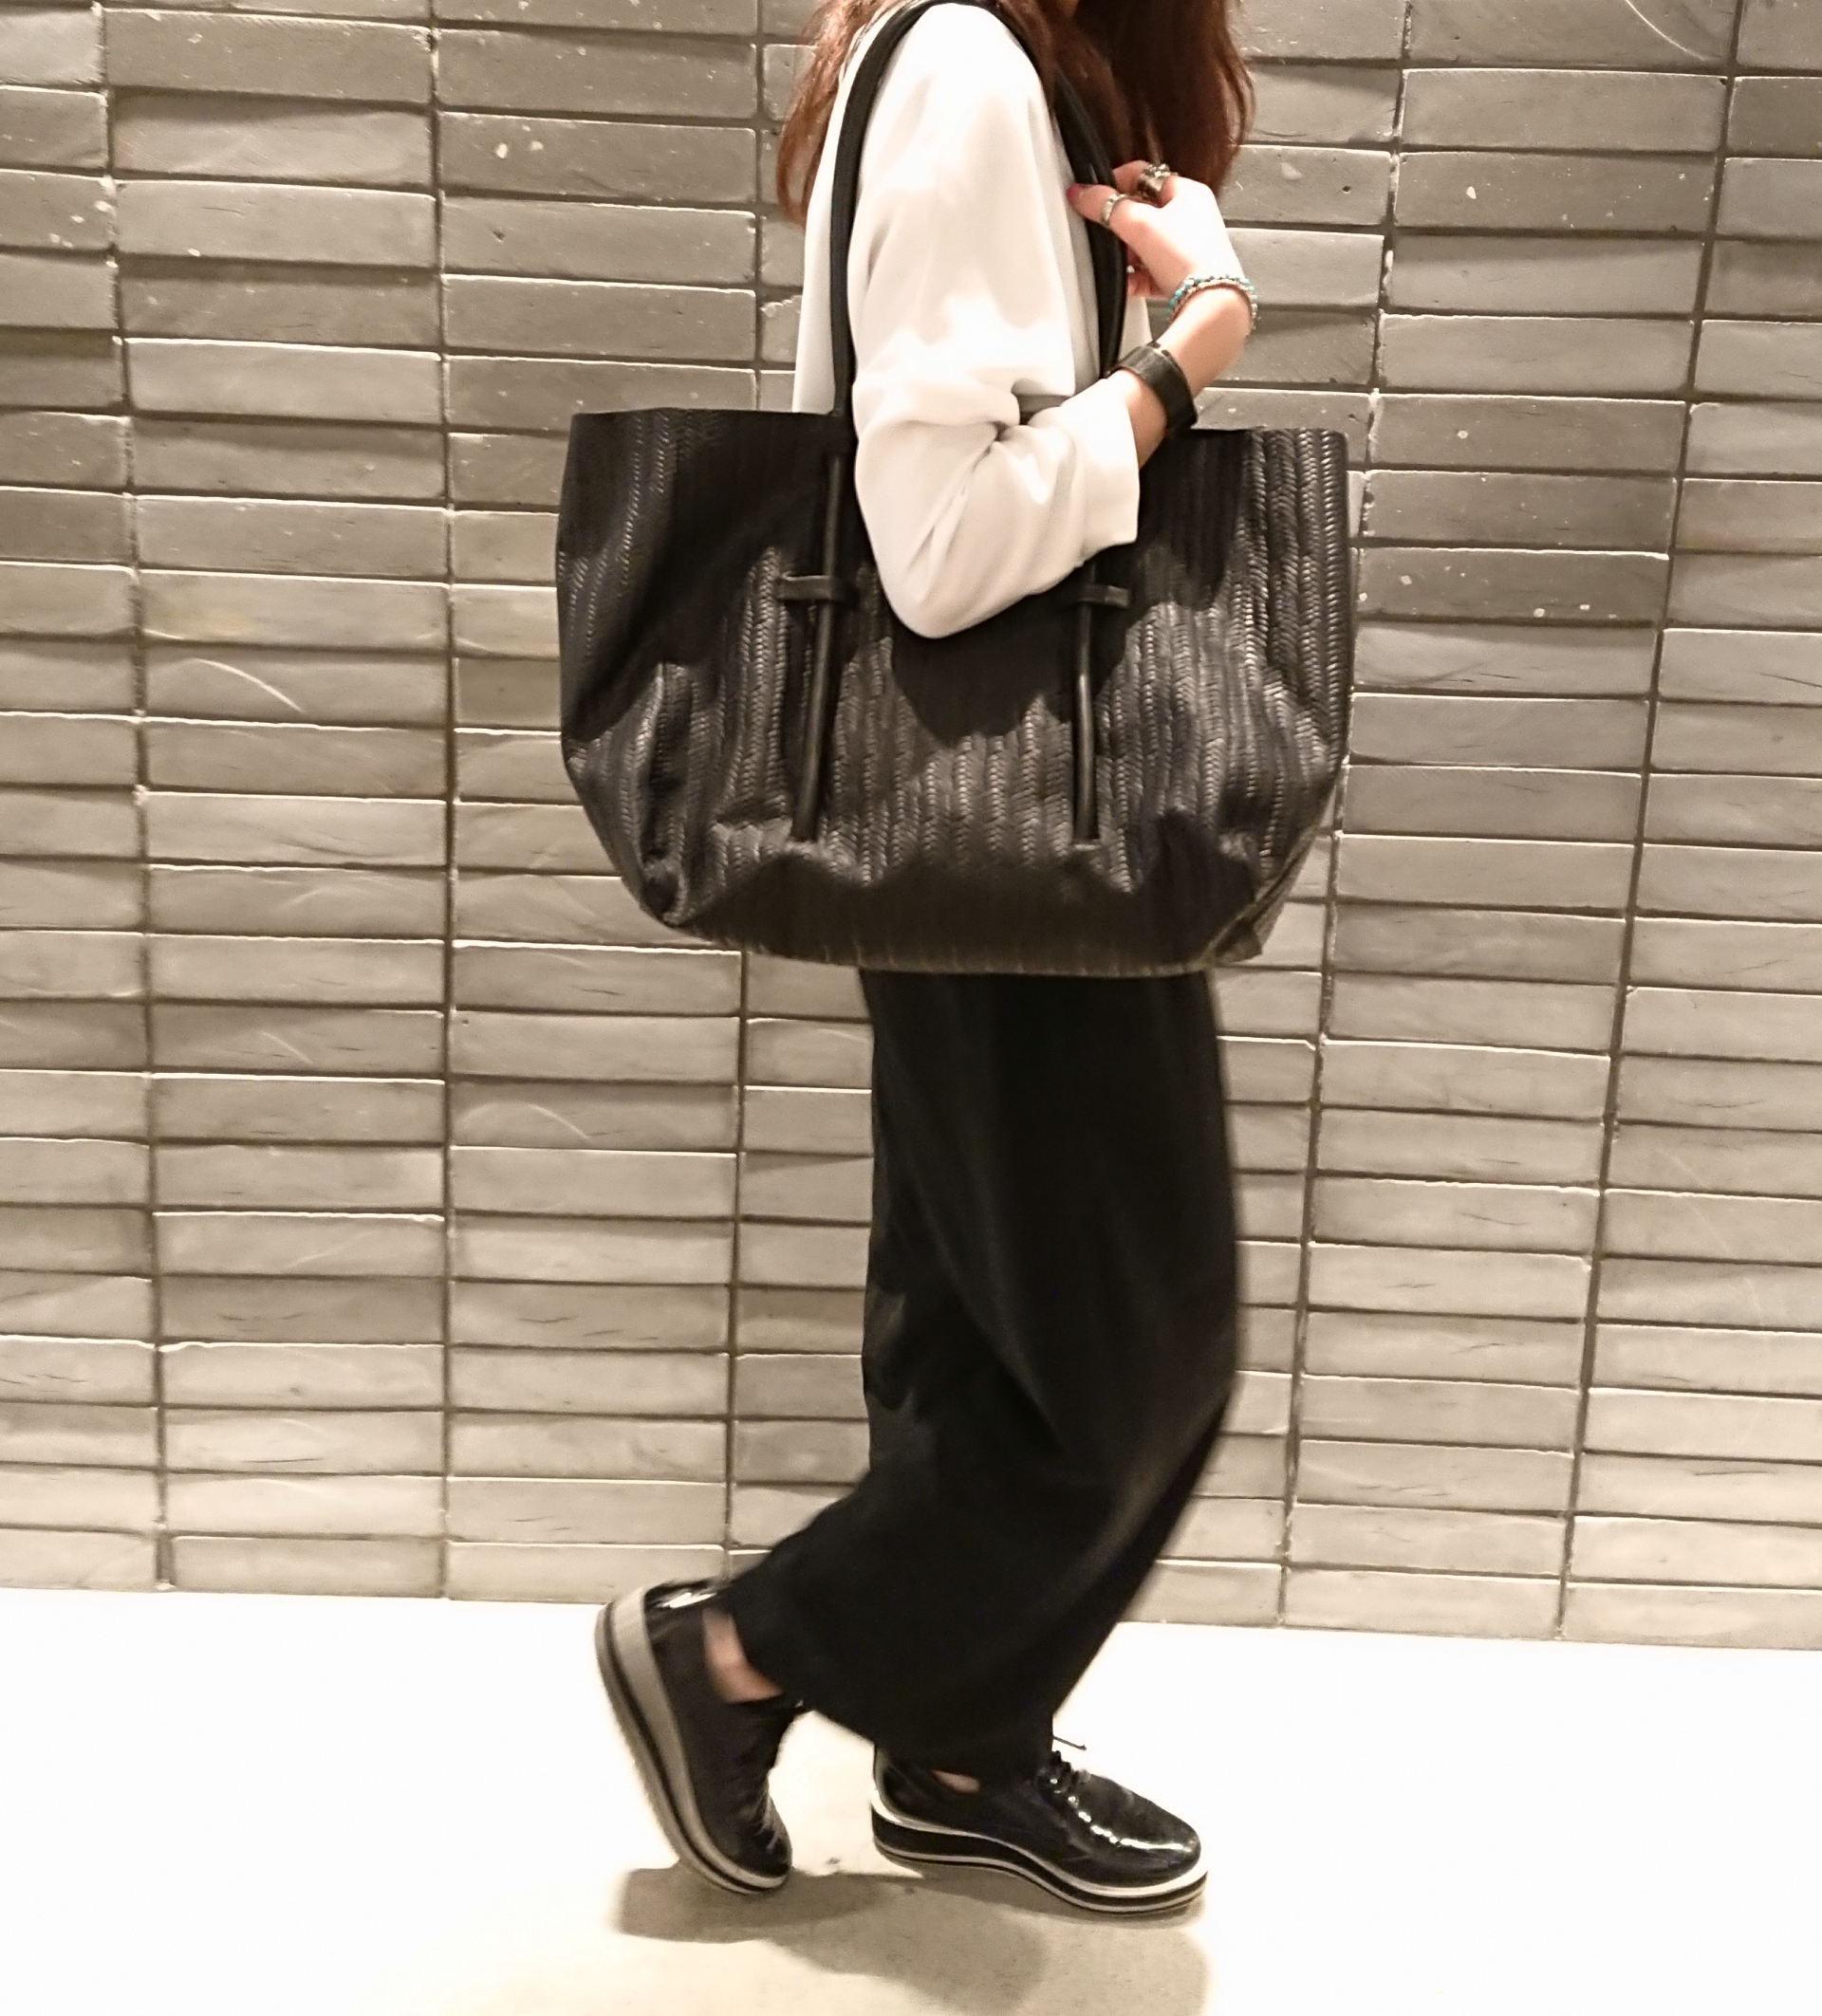 渋谷ヒカリエShinQs 渋谷ヒカリエShinQsスクラップブック scrapbook渋谷 スクラップブック渋谷ブログ アトネック atneK レザー leather トートバッグ tote bag 牛革 羊革 型押し 柔らかい しなやか 高級感 トレンド オシャレ